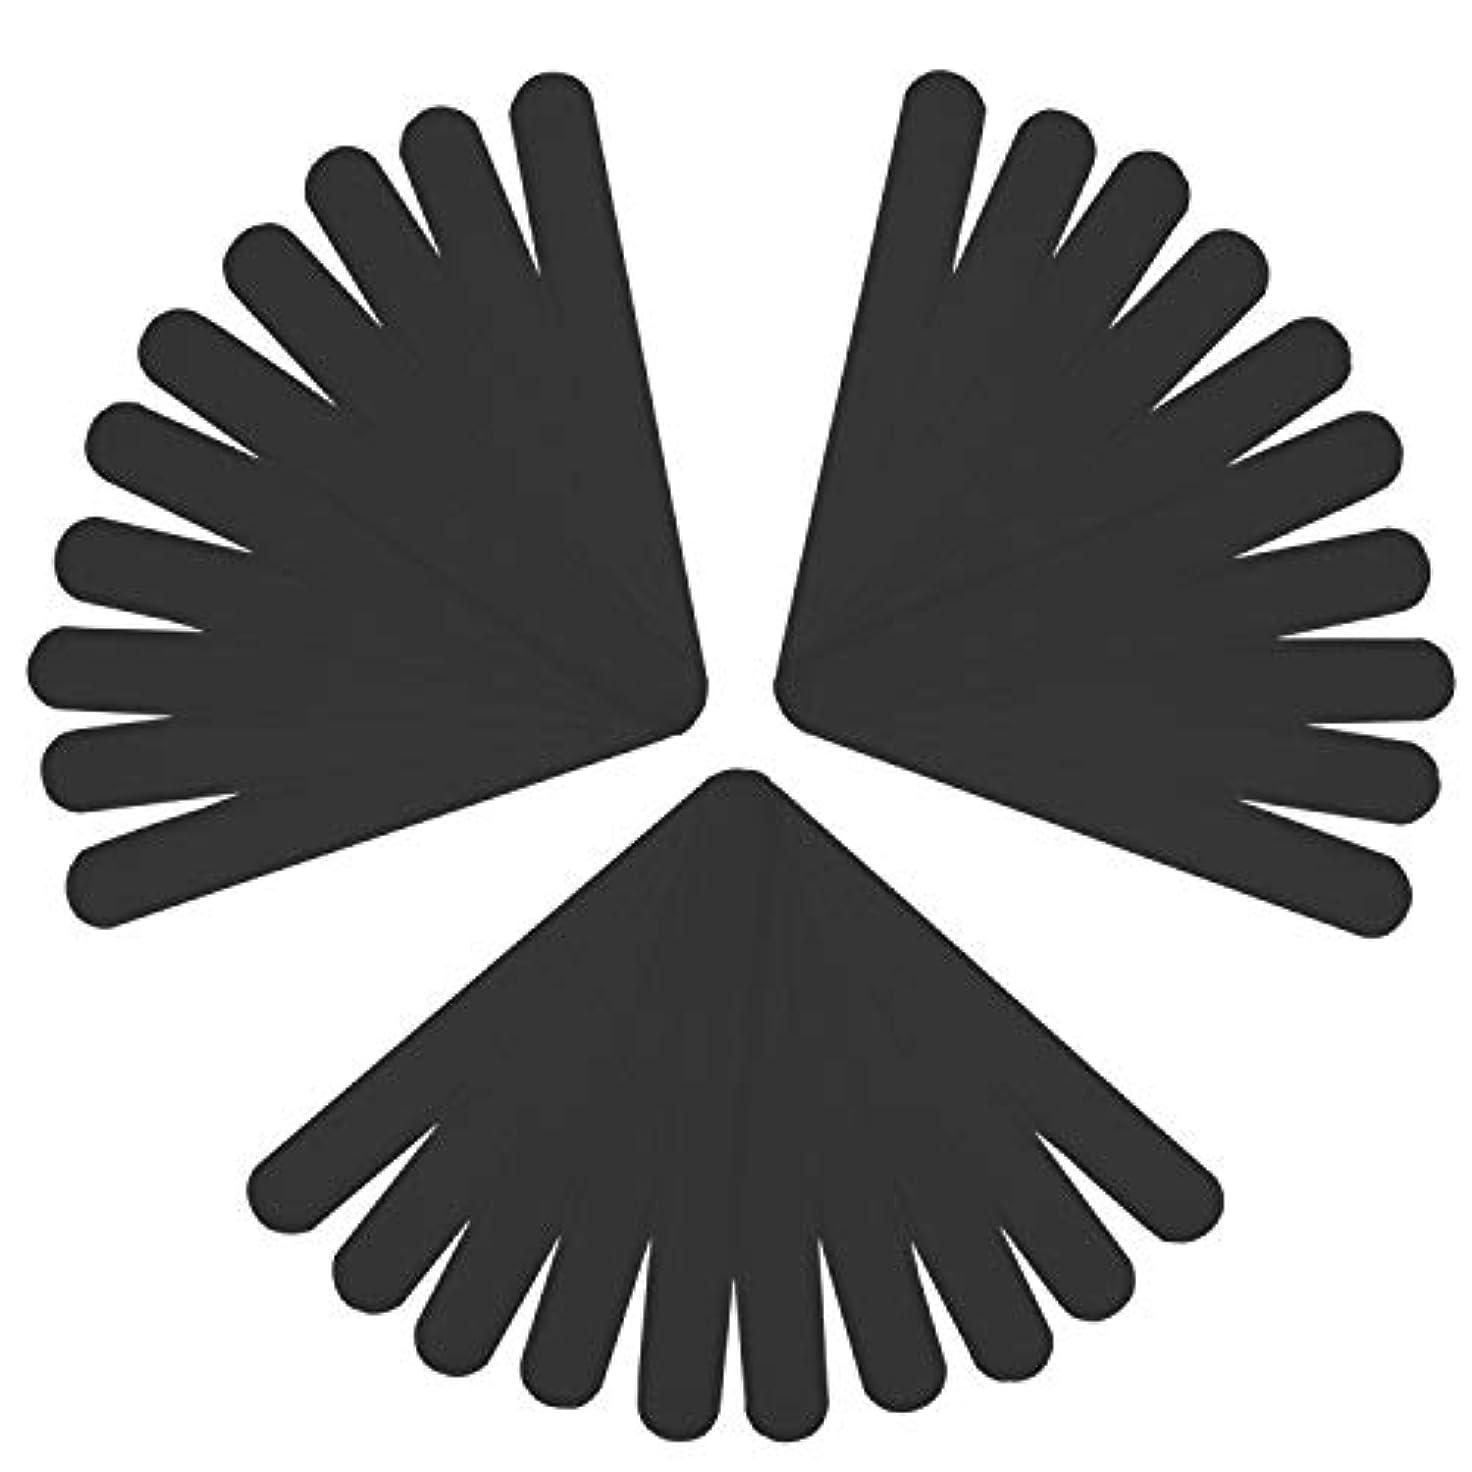 LUCKYBEE汗取りシート 30本入り 帽子 汗取りパッド 襟 よごれガードテープ 汗吸収 防臭シート 無香料 あせジミ防止 暑さ対策 ブラック (ブラック)